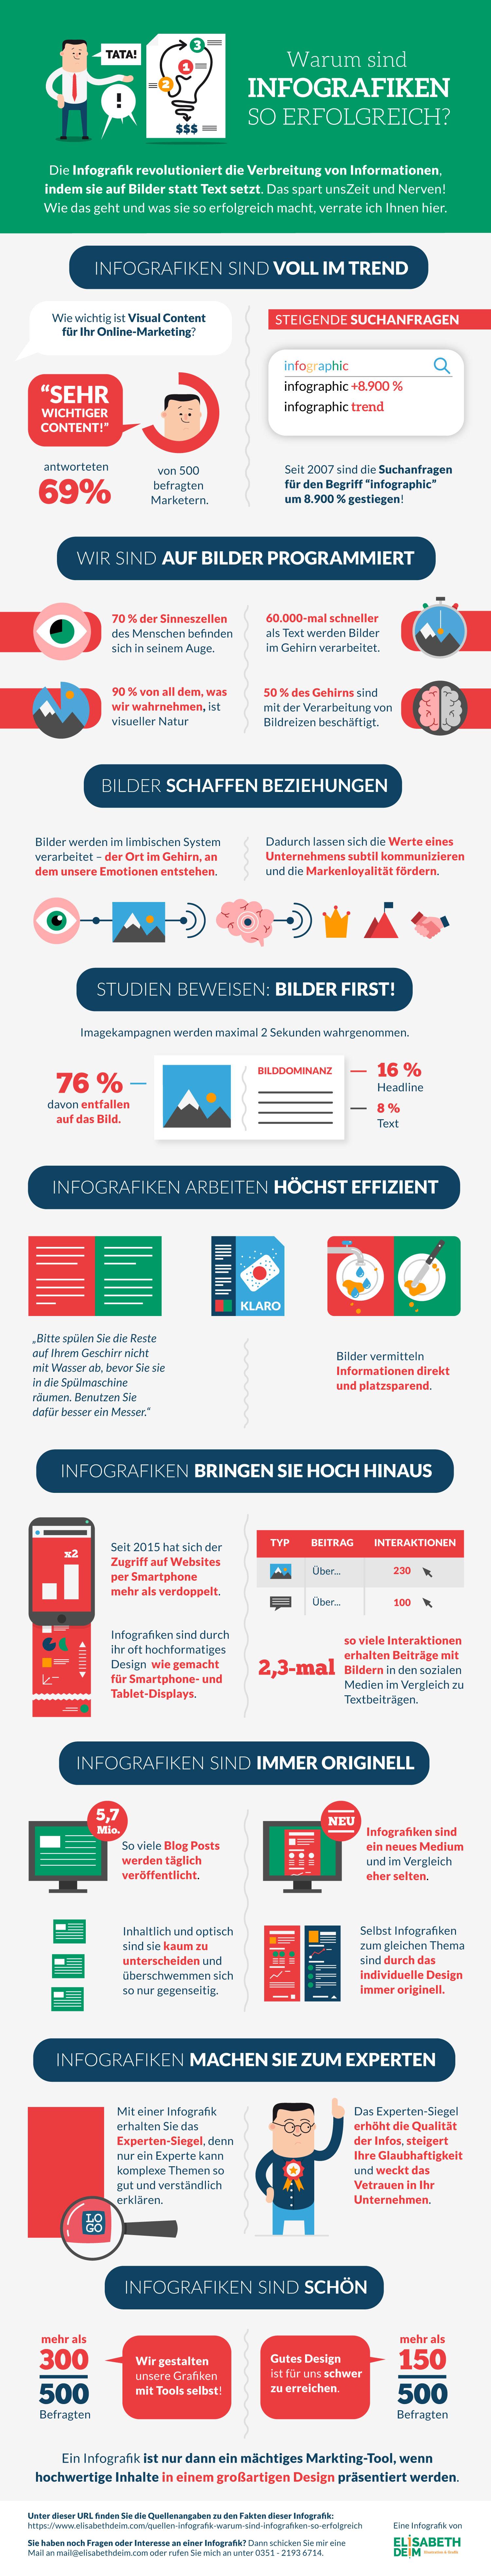 """Infografik """"Warum sind Infografiken so erfolgreich?"""" von Elisabeth Deim"""